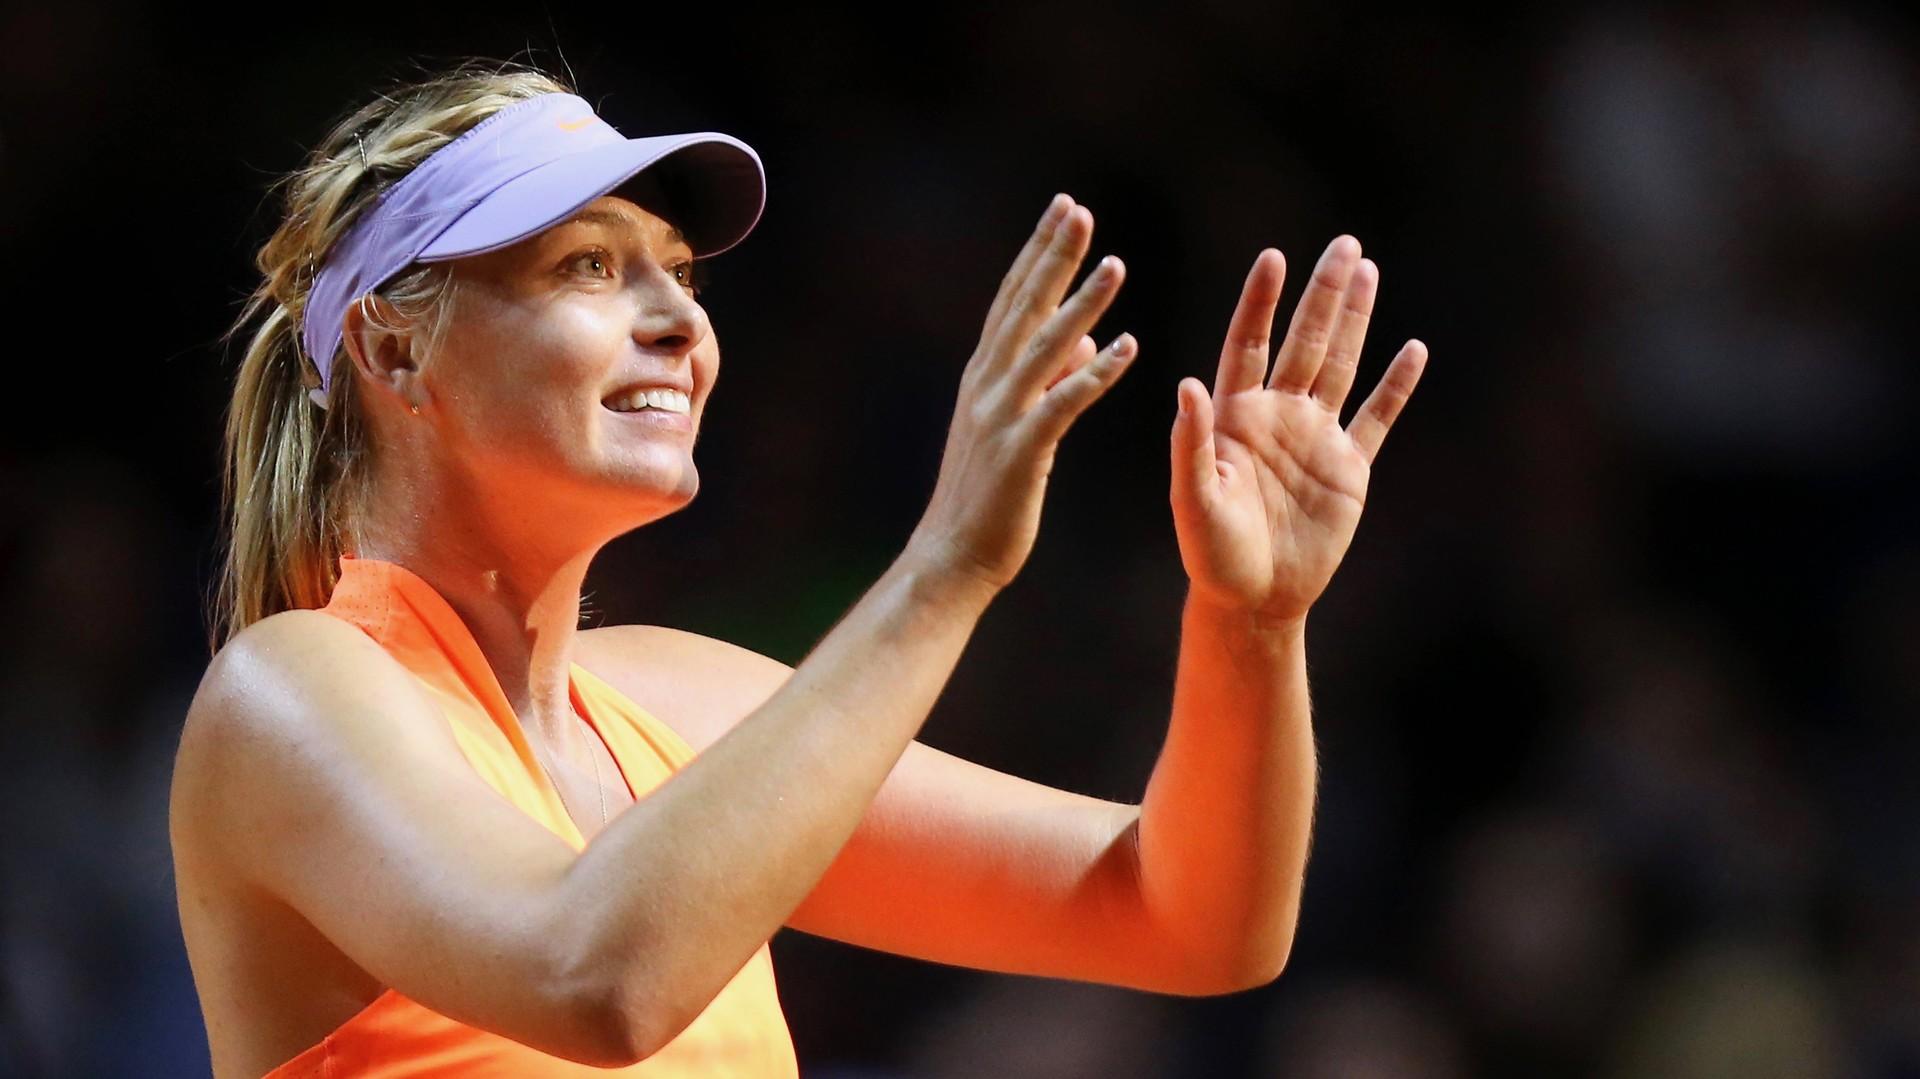 «Теннису нужна звезда калибра Марии»: как мир встретил возвращение Шараповой на корт